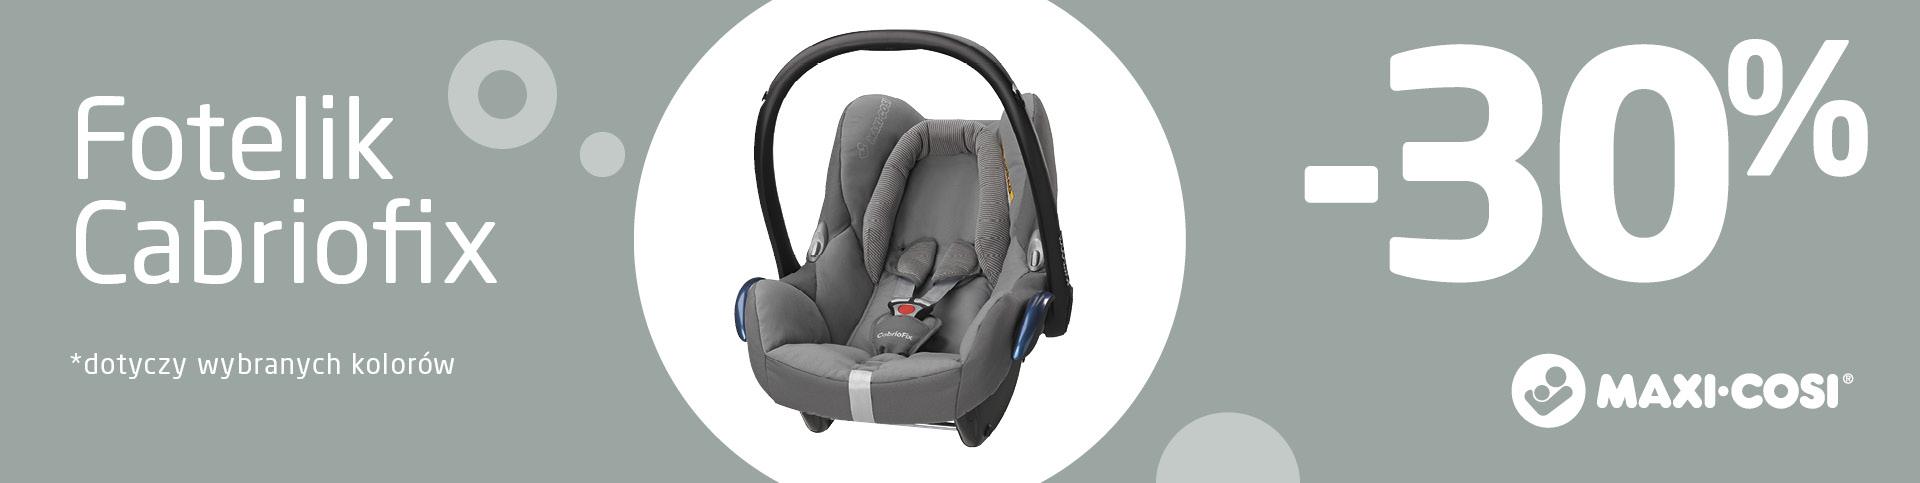 Maxi-Cosi Cabriofix -30% na fotelik samochodowy